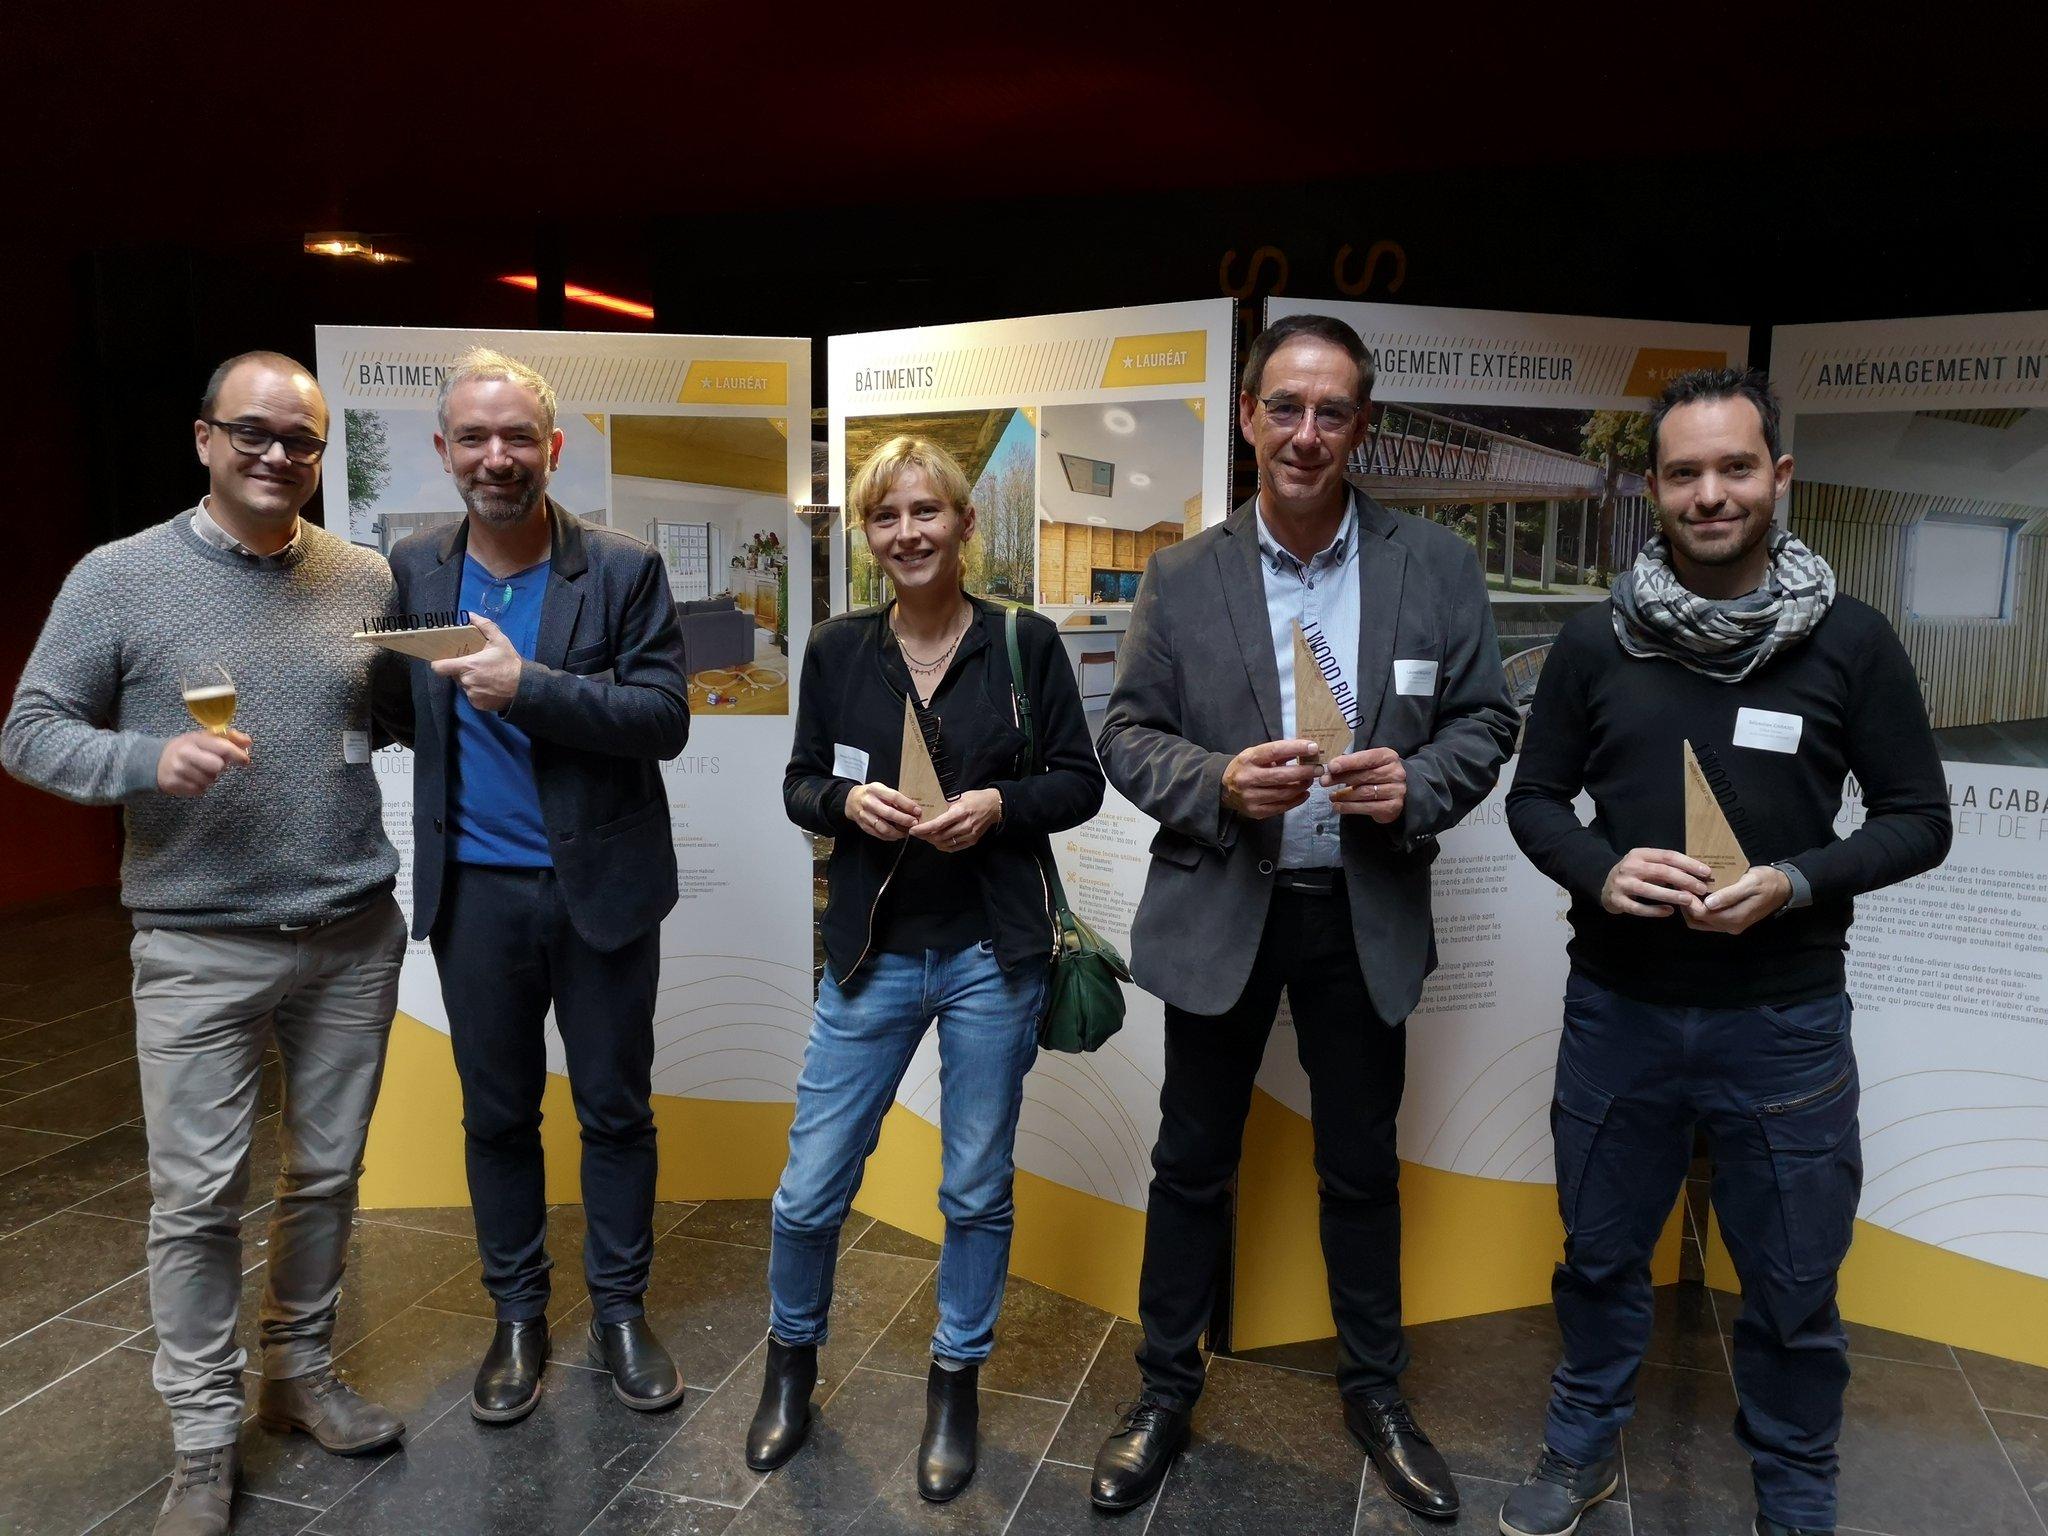 Retour sur la remise des prix « I Wood Build » le 7 novembre 2019 à Lille